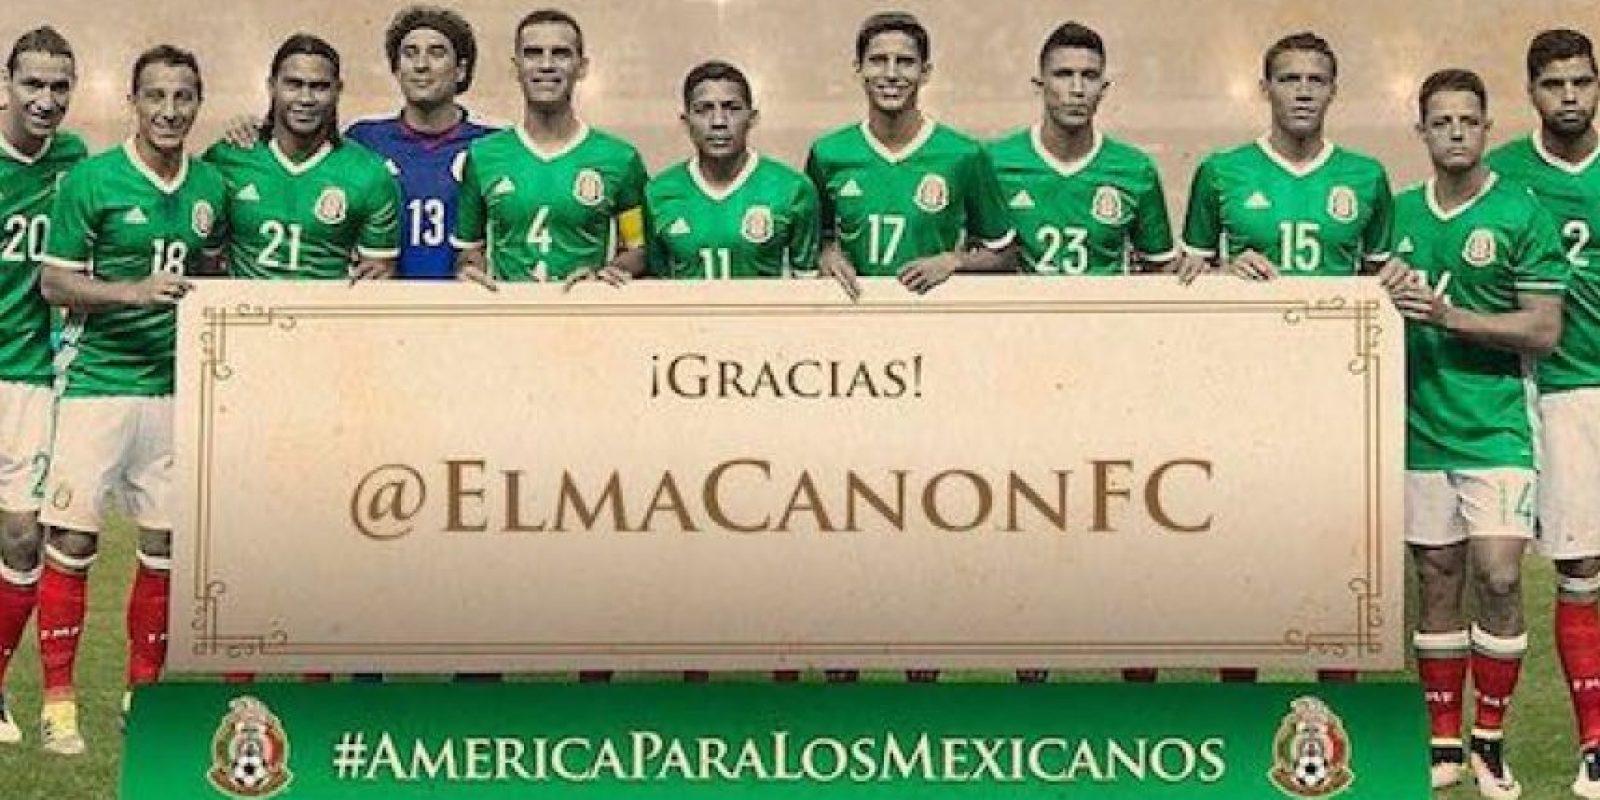 ¡No perdonan una! Trollean cuenta de twitter de la Selección Mexicana Foto:Twitter: @miseleccionmx